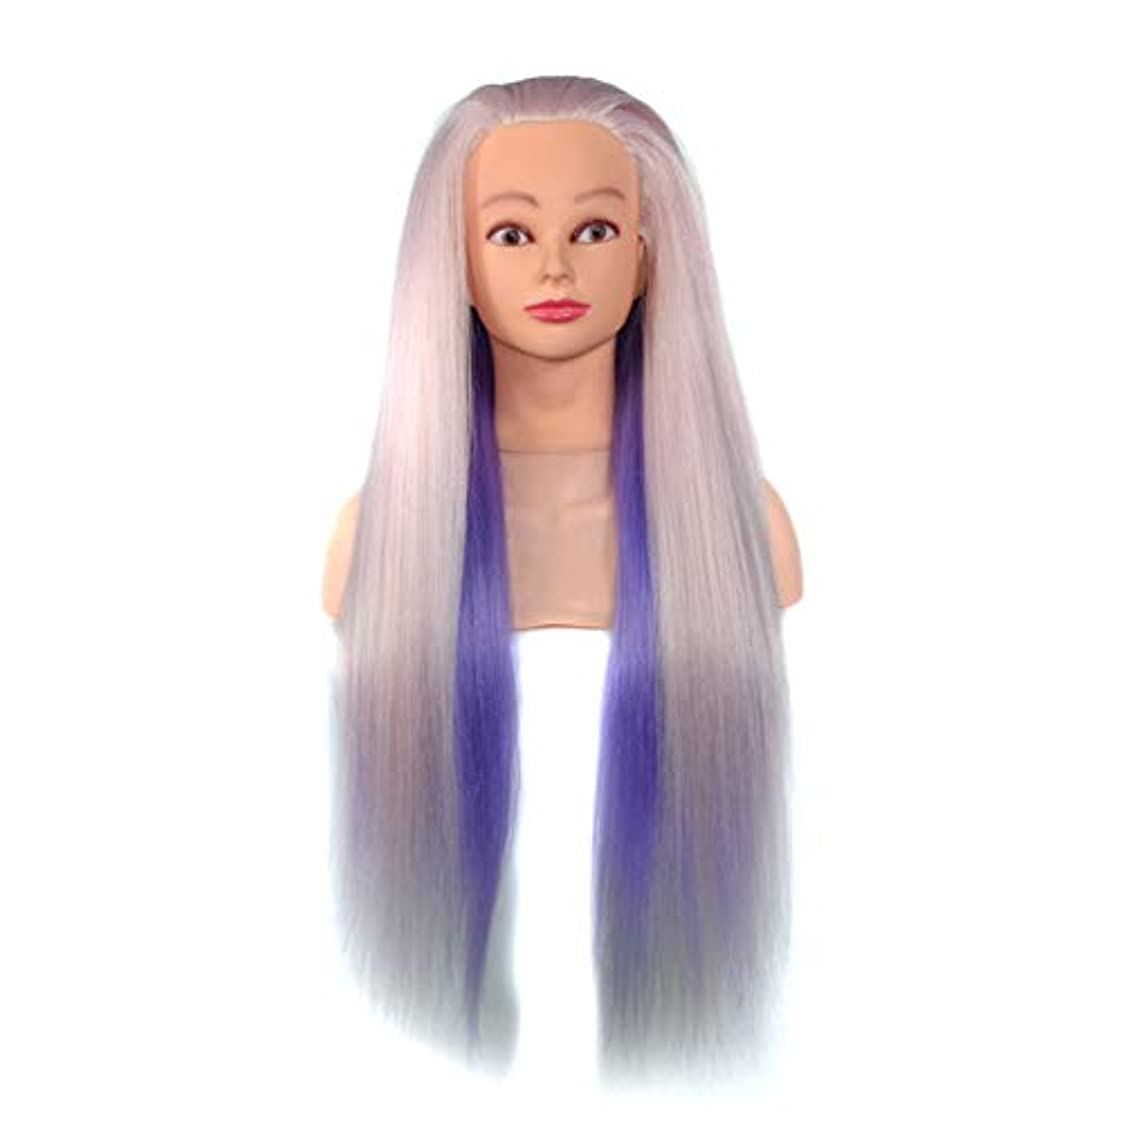 カウンターパートフライトシガレット高温シルク花嫁編組エクササイズヘッドサロン教育グラデーショントレーニングヘッド理髪学習ヘッドモデル